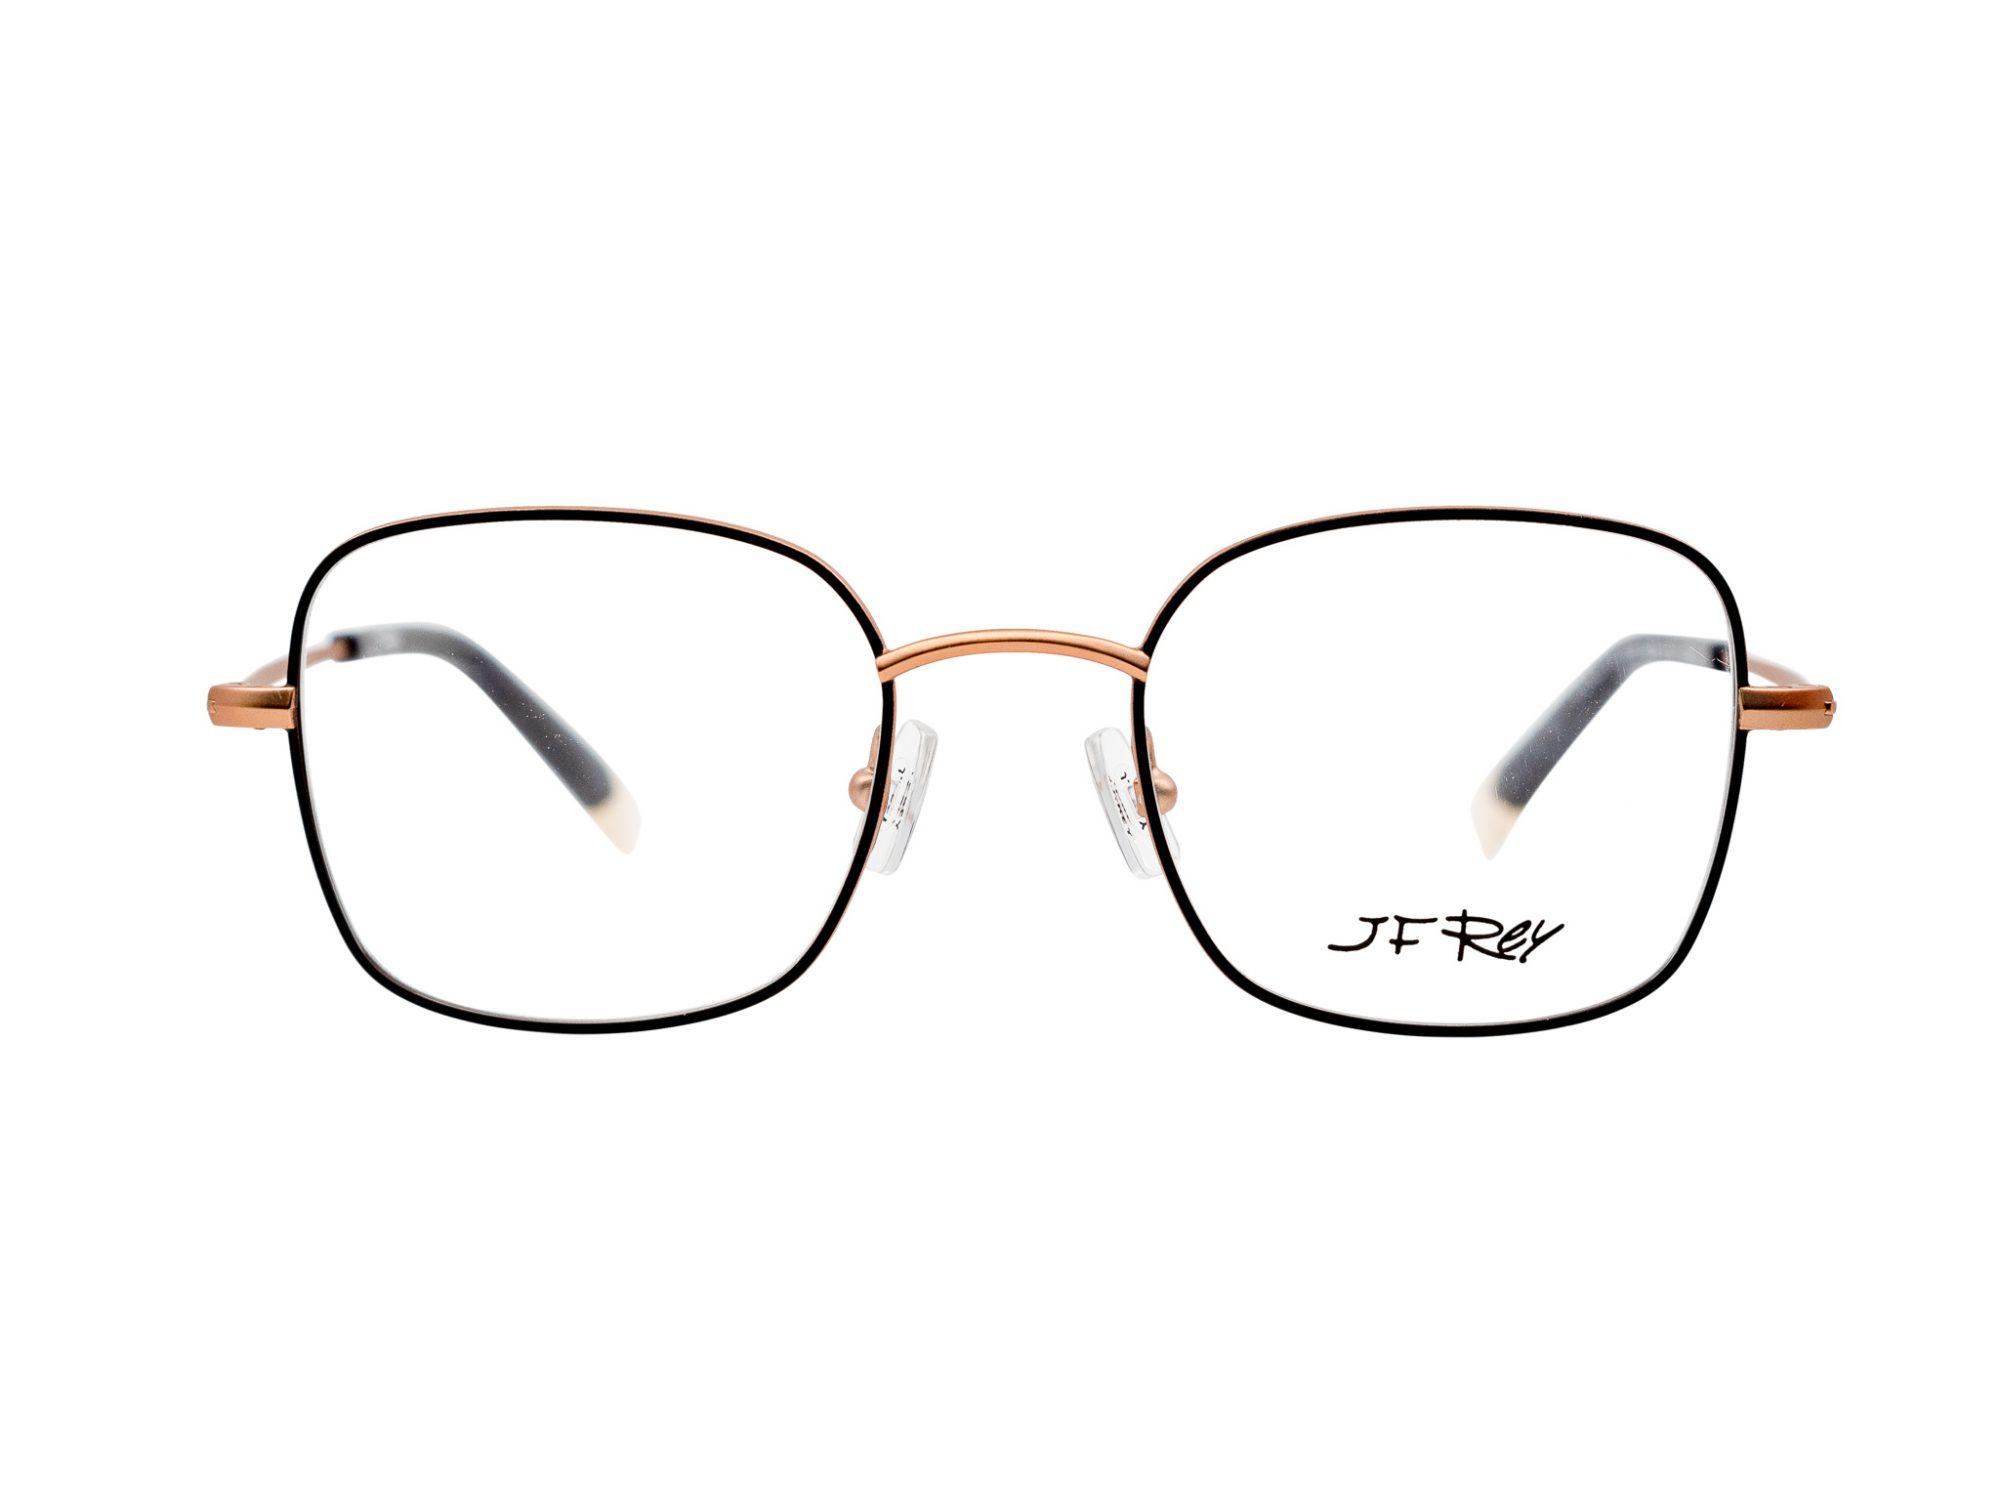 JF Rey Violette 0050